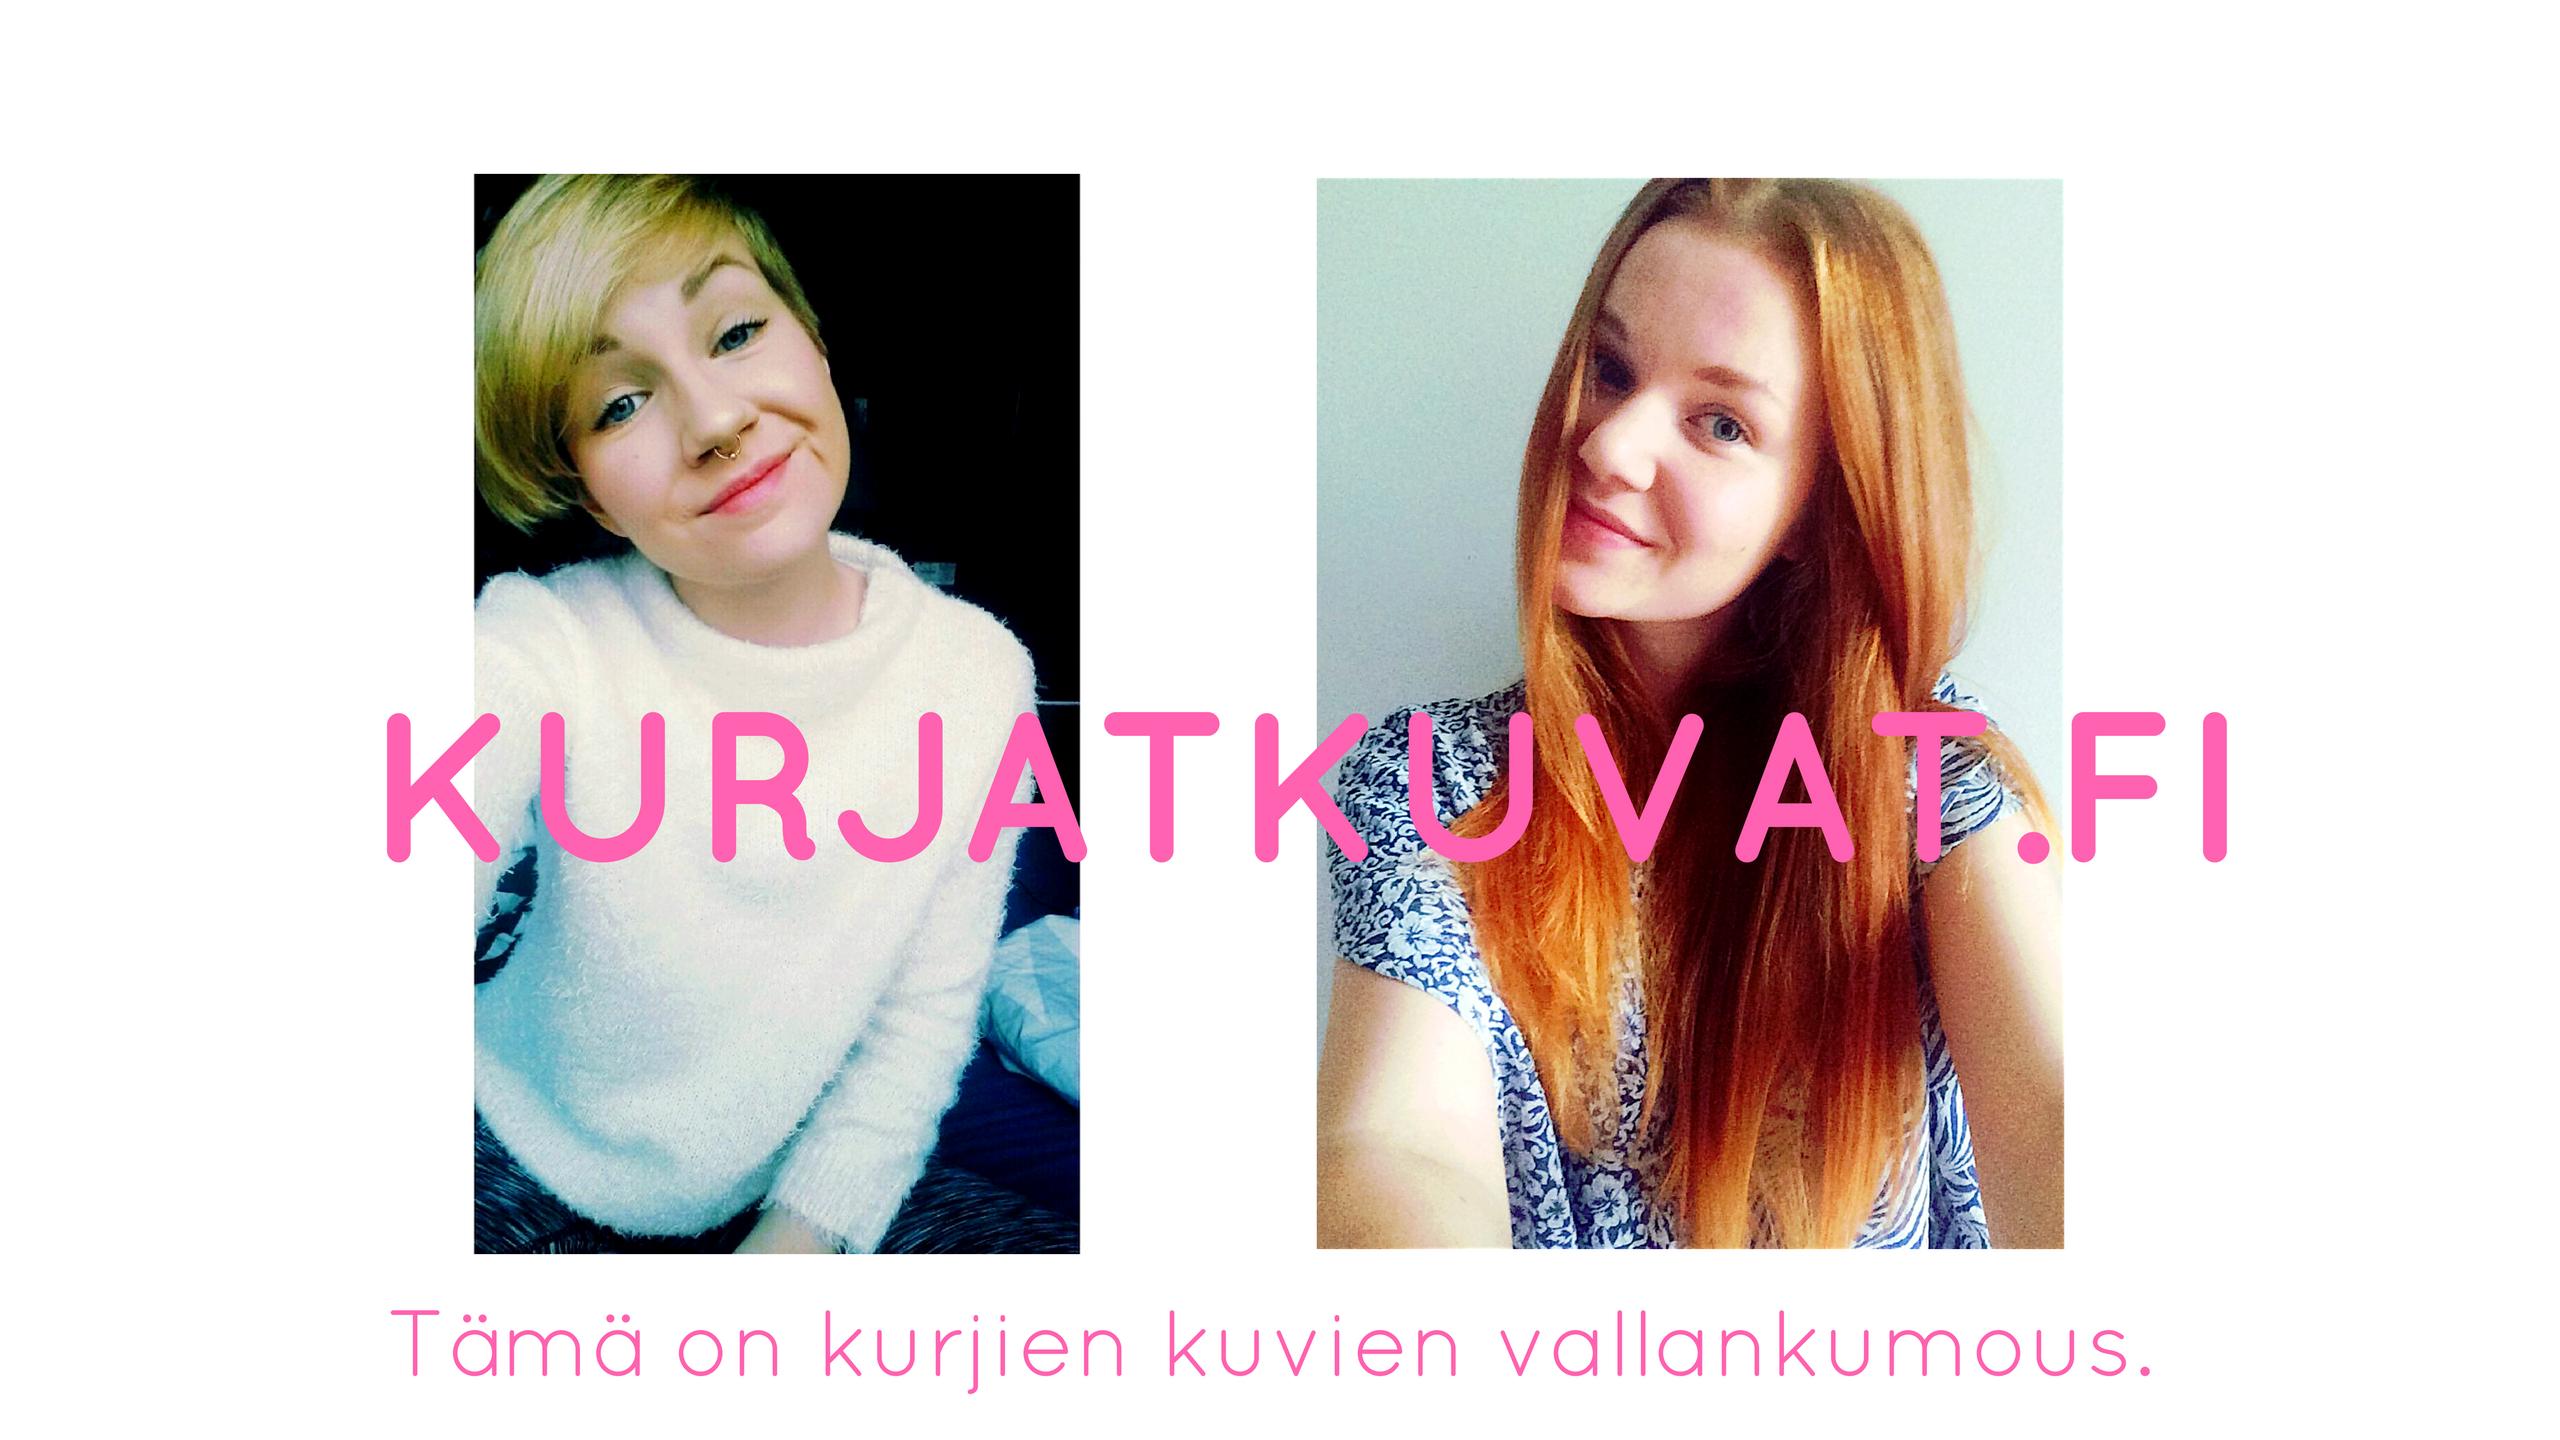 kurjatkuvat.fi